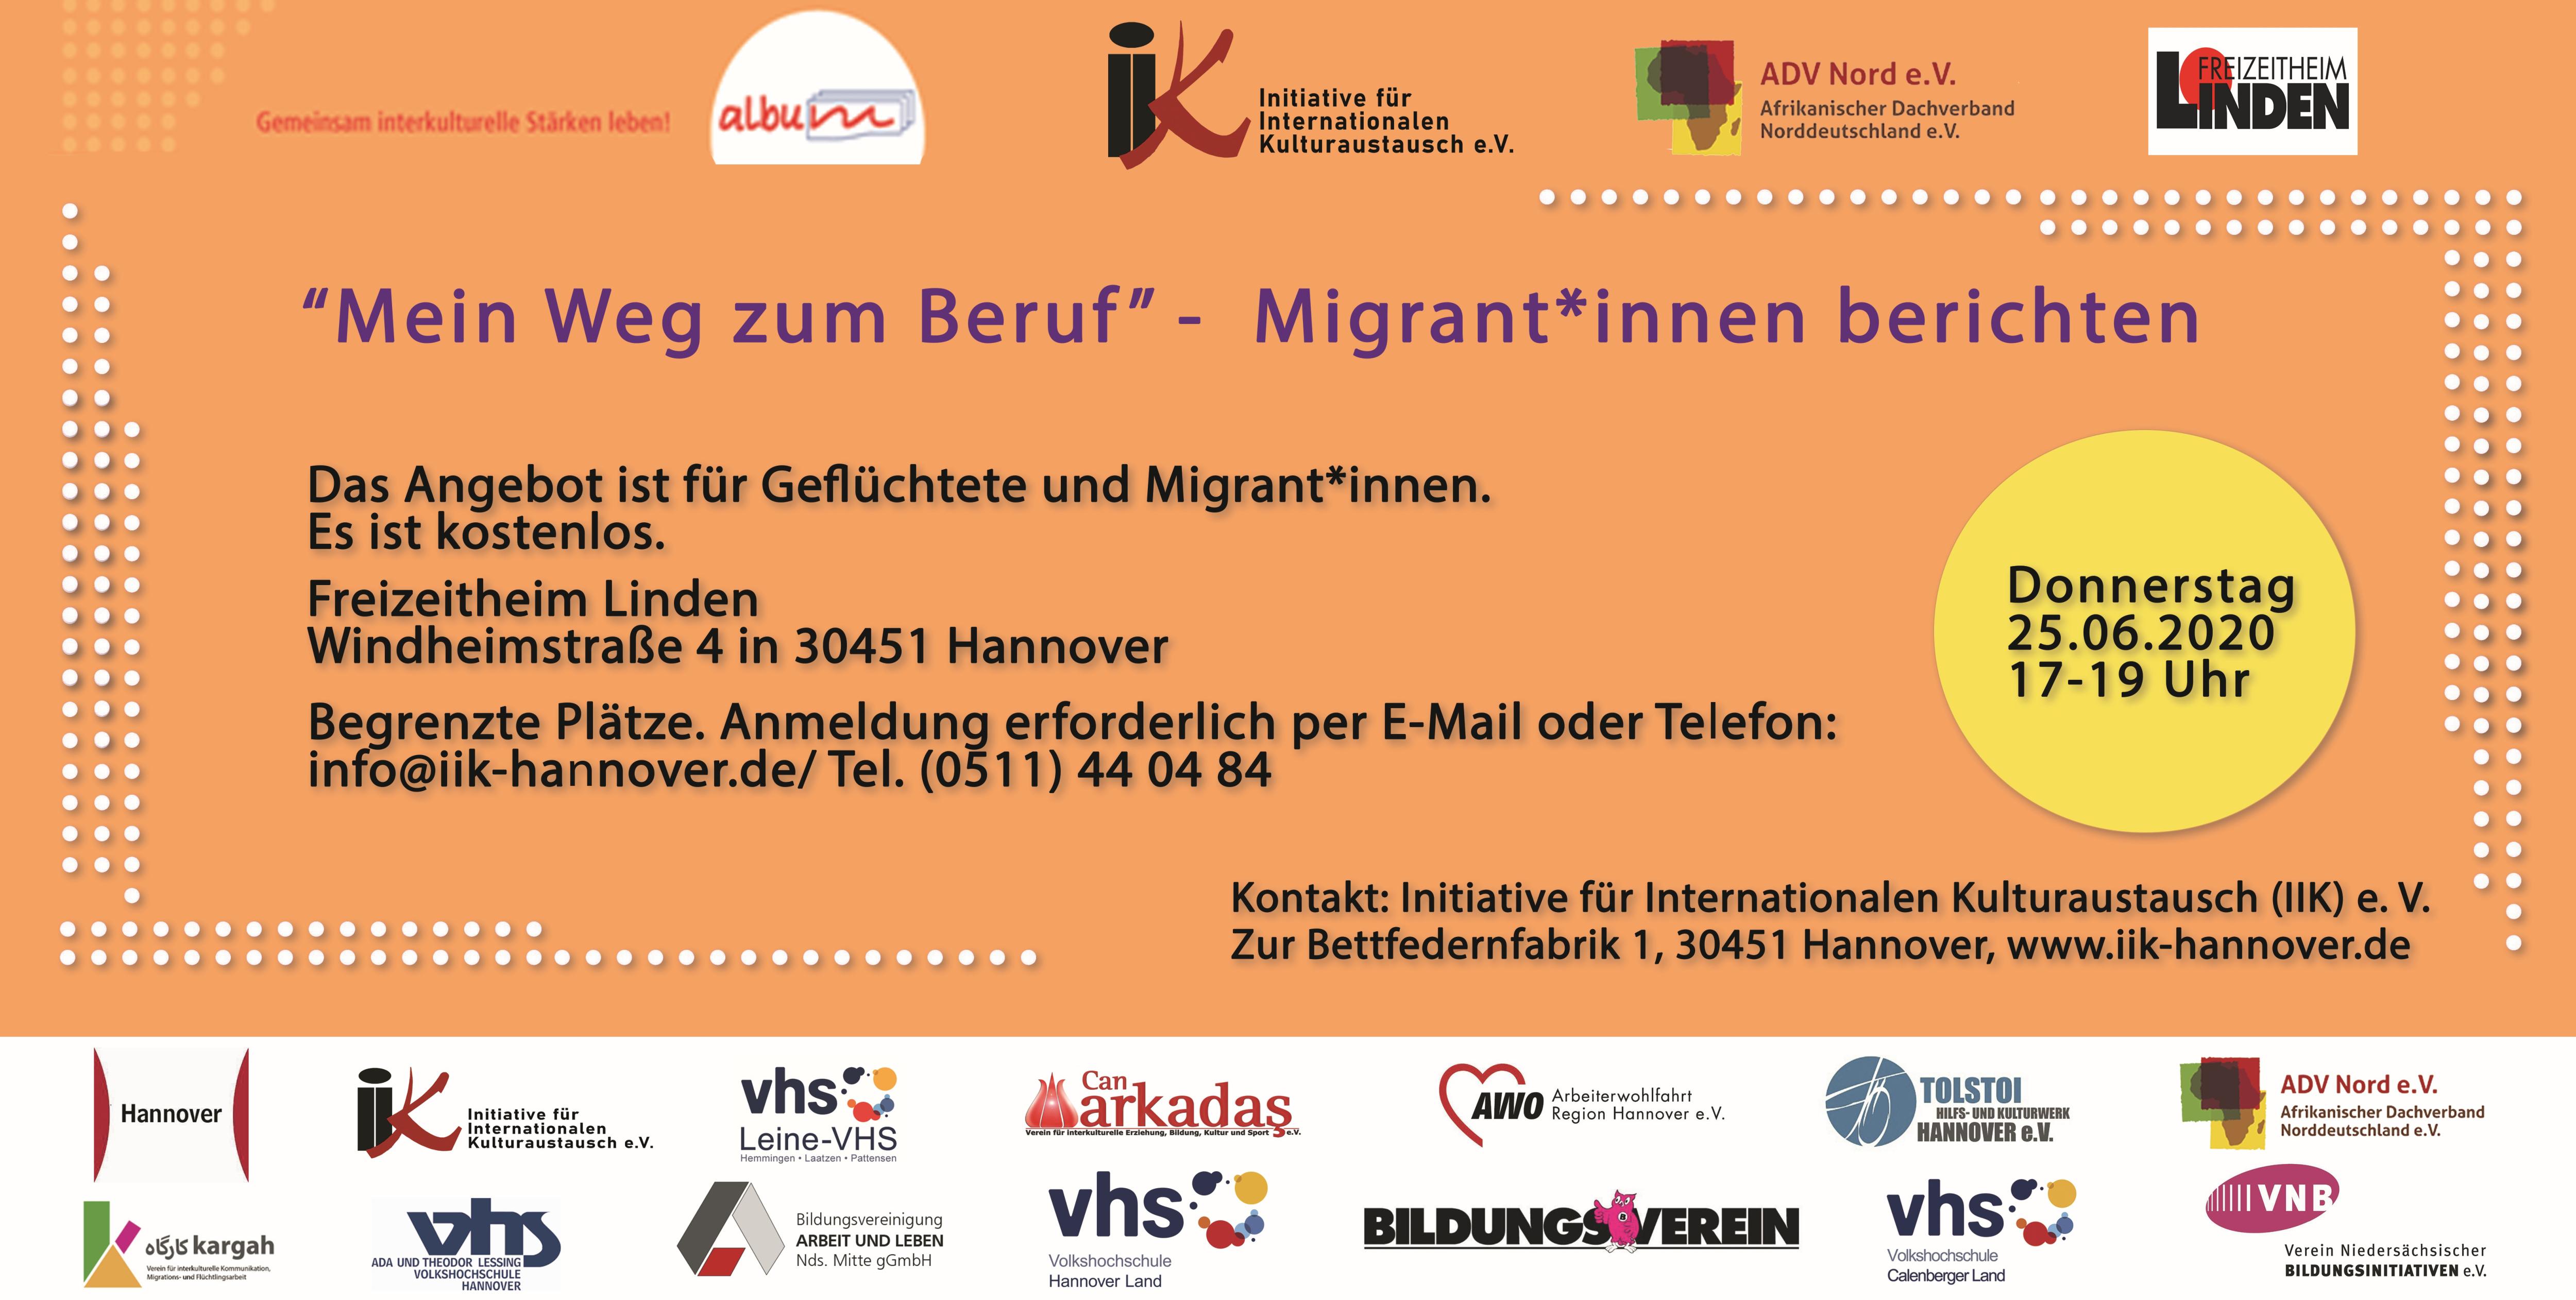 Kostenloser Orientierungsworkshop der IIK für Migrant*innen und Geflüchtete, die eine (neue) Arbeit suchen: